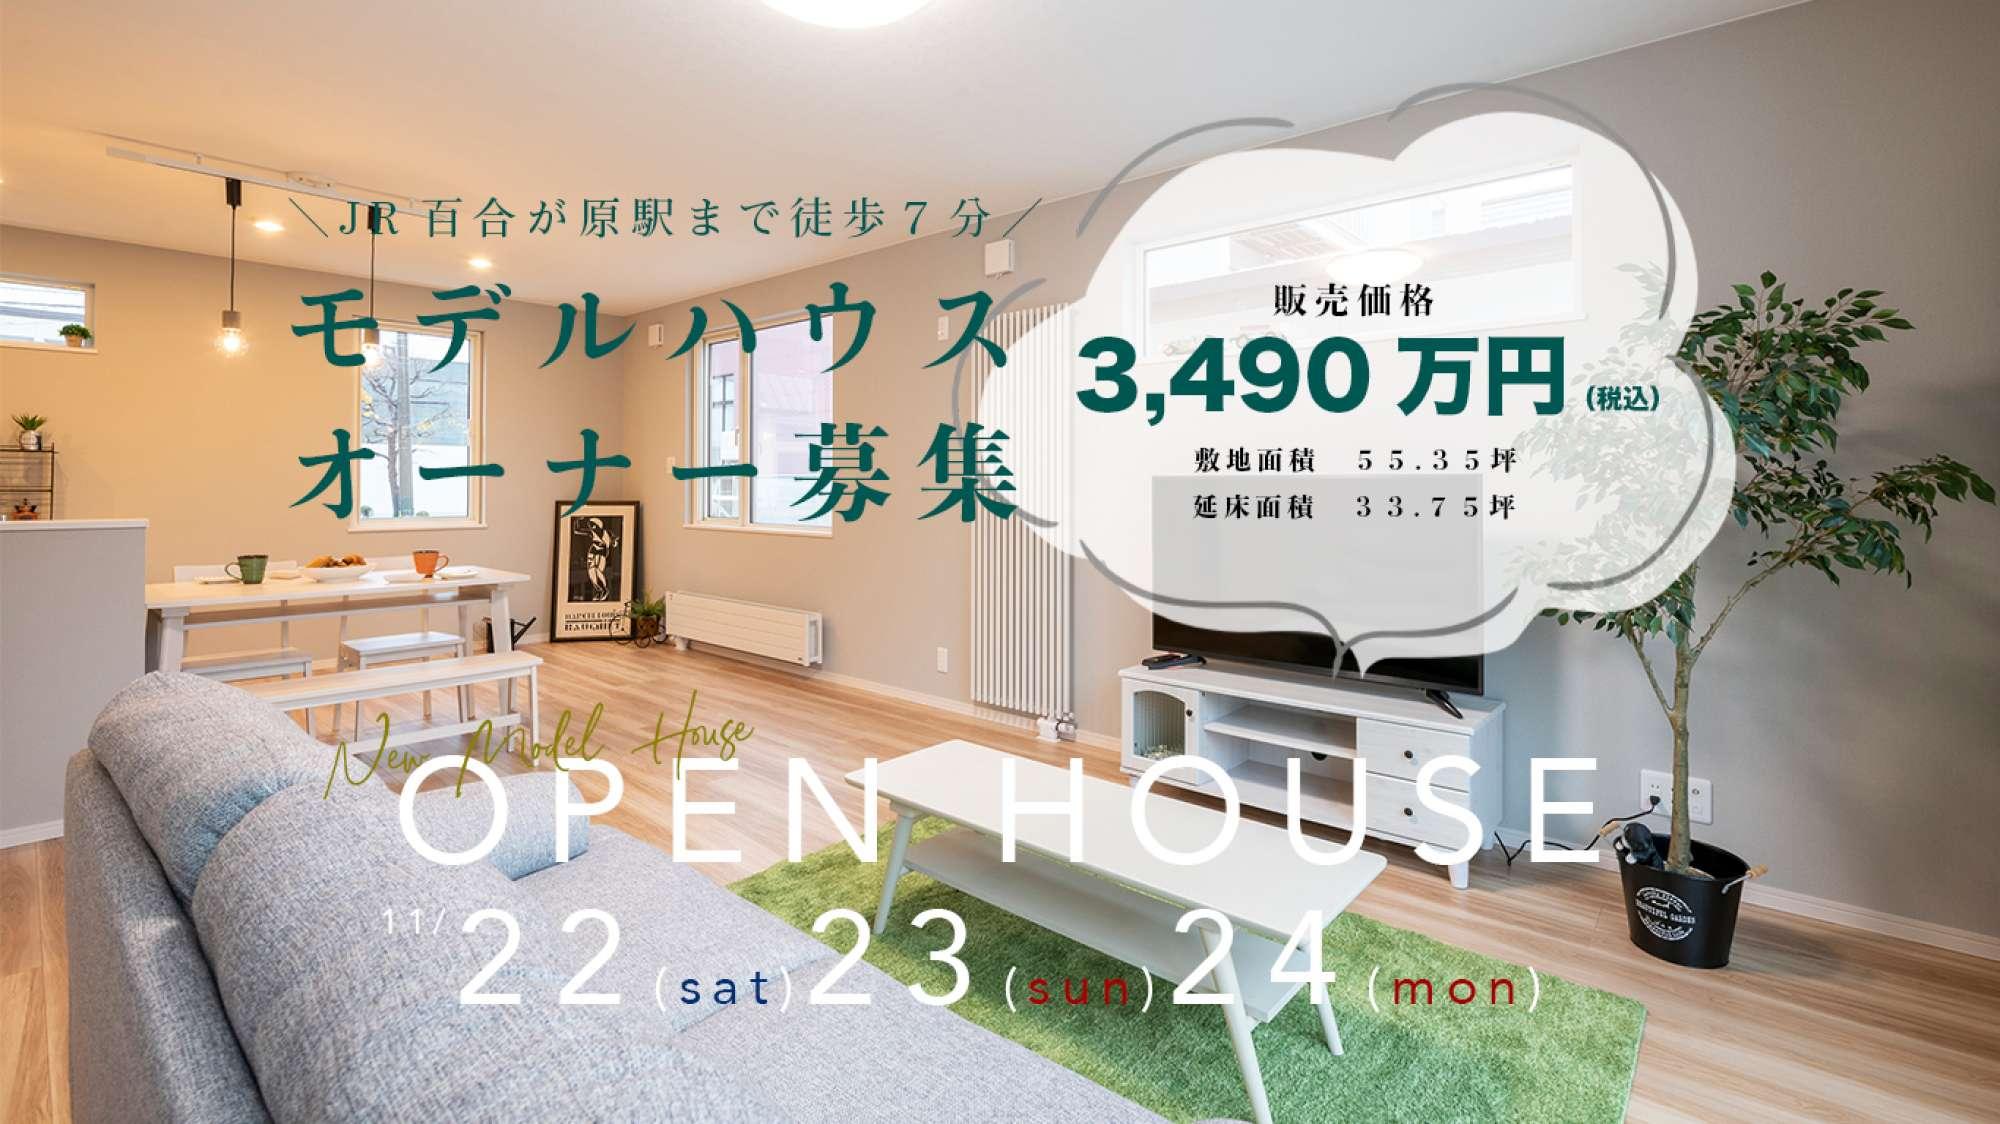 11/21(土)-11/23(祝) 3日間開催! モデルハウス完成見学会in札幌市北区太平 -